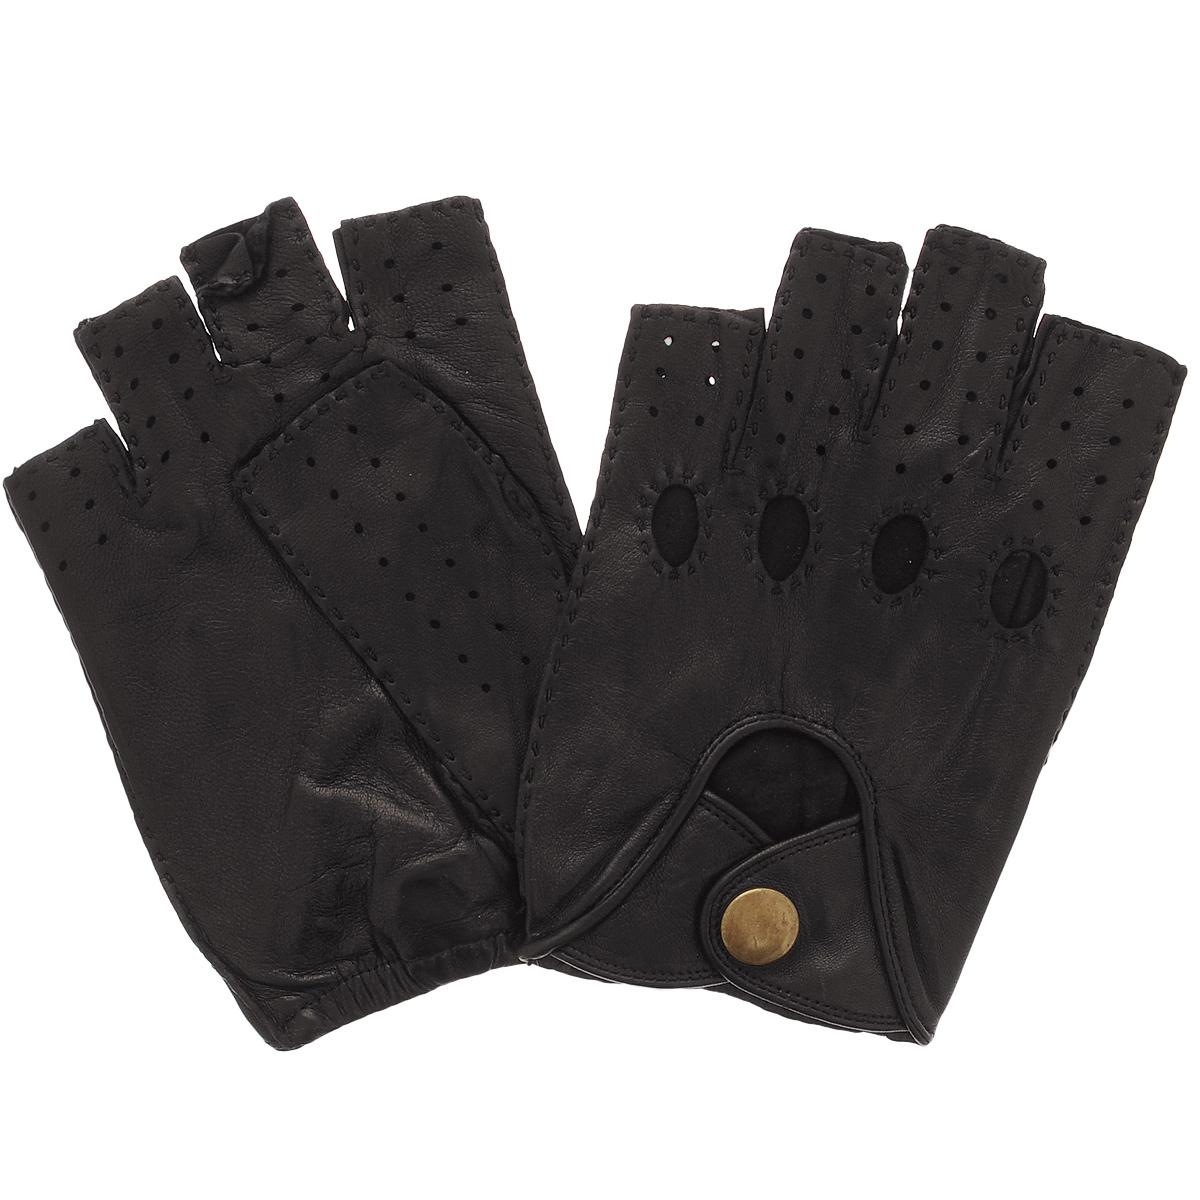 Перчатки без пальцев. ALG0.5ALG0.5/BLСтильные автомобильные перчатки Dali Exclusive выполнены из мягкой и приятной на ощупь натуральной кожи ягненка. Модель с открытыми пальцами. Перчатки оформлены декоративной перфорацией и стежками, застегиваются на кнопку. Такие перчатки подчеркнут ваш стиль и неповторимость.